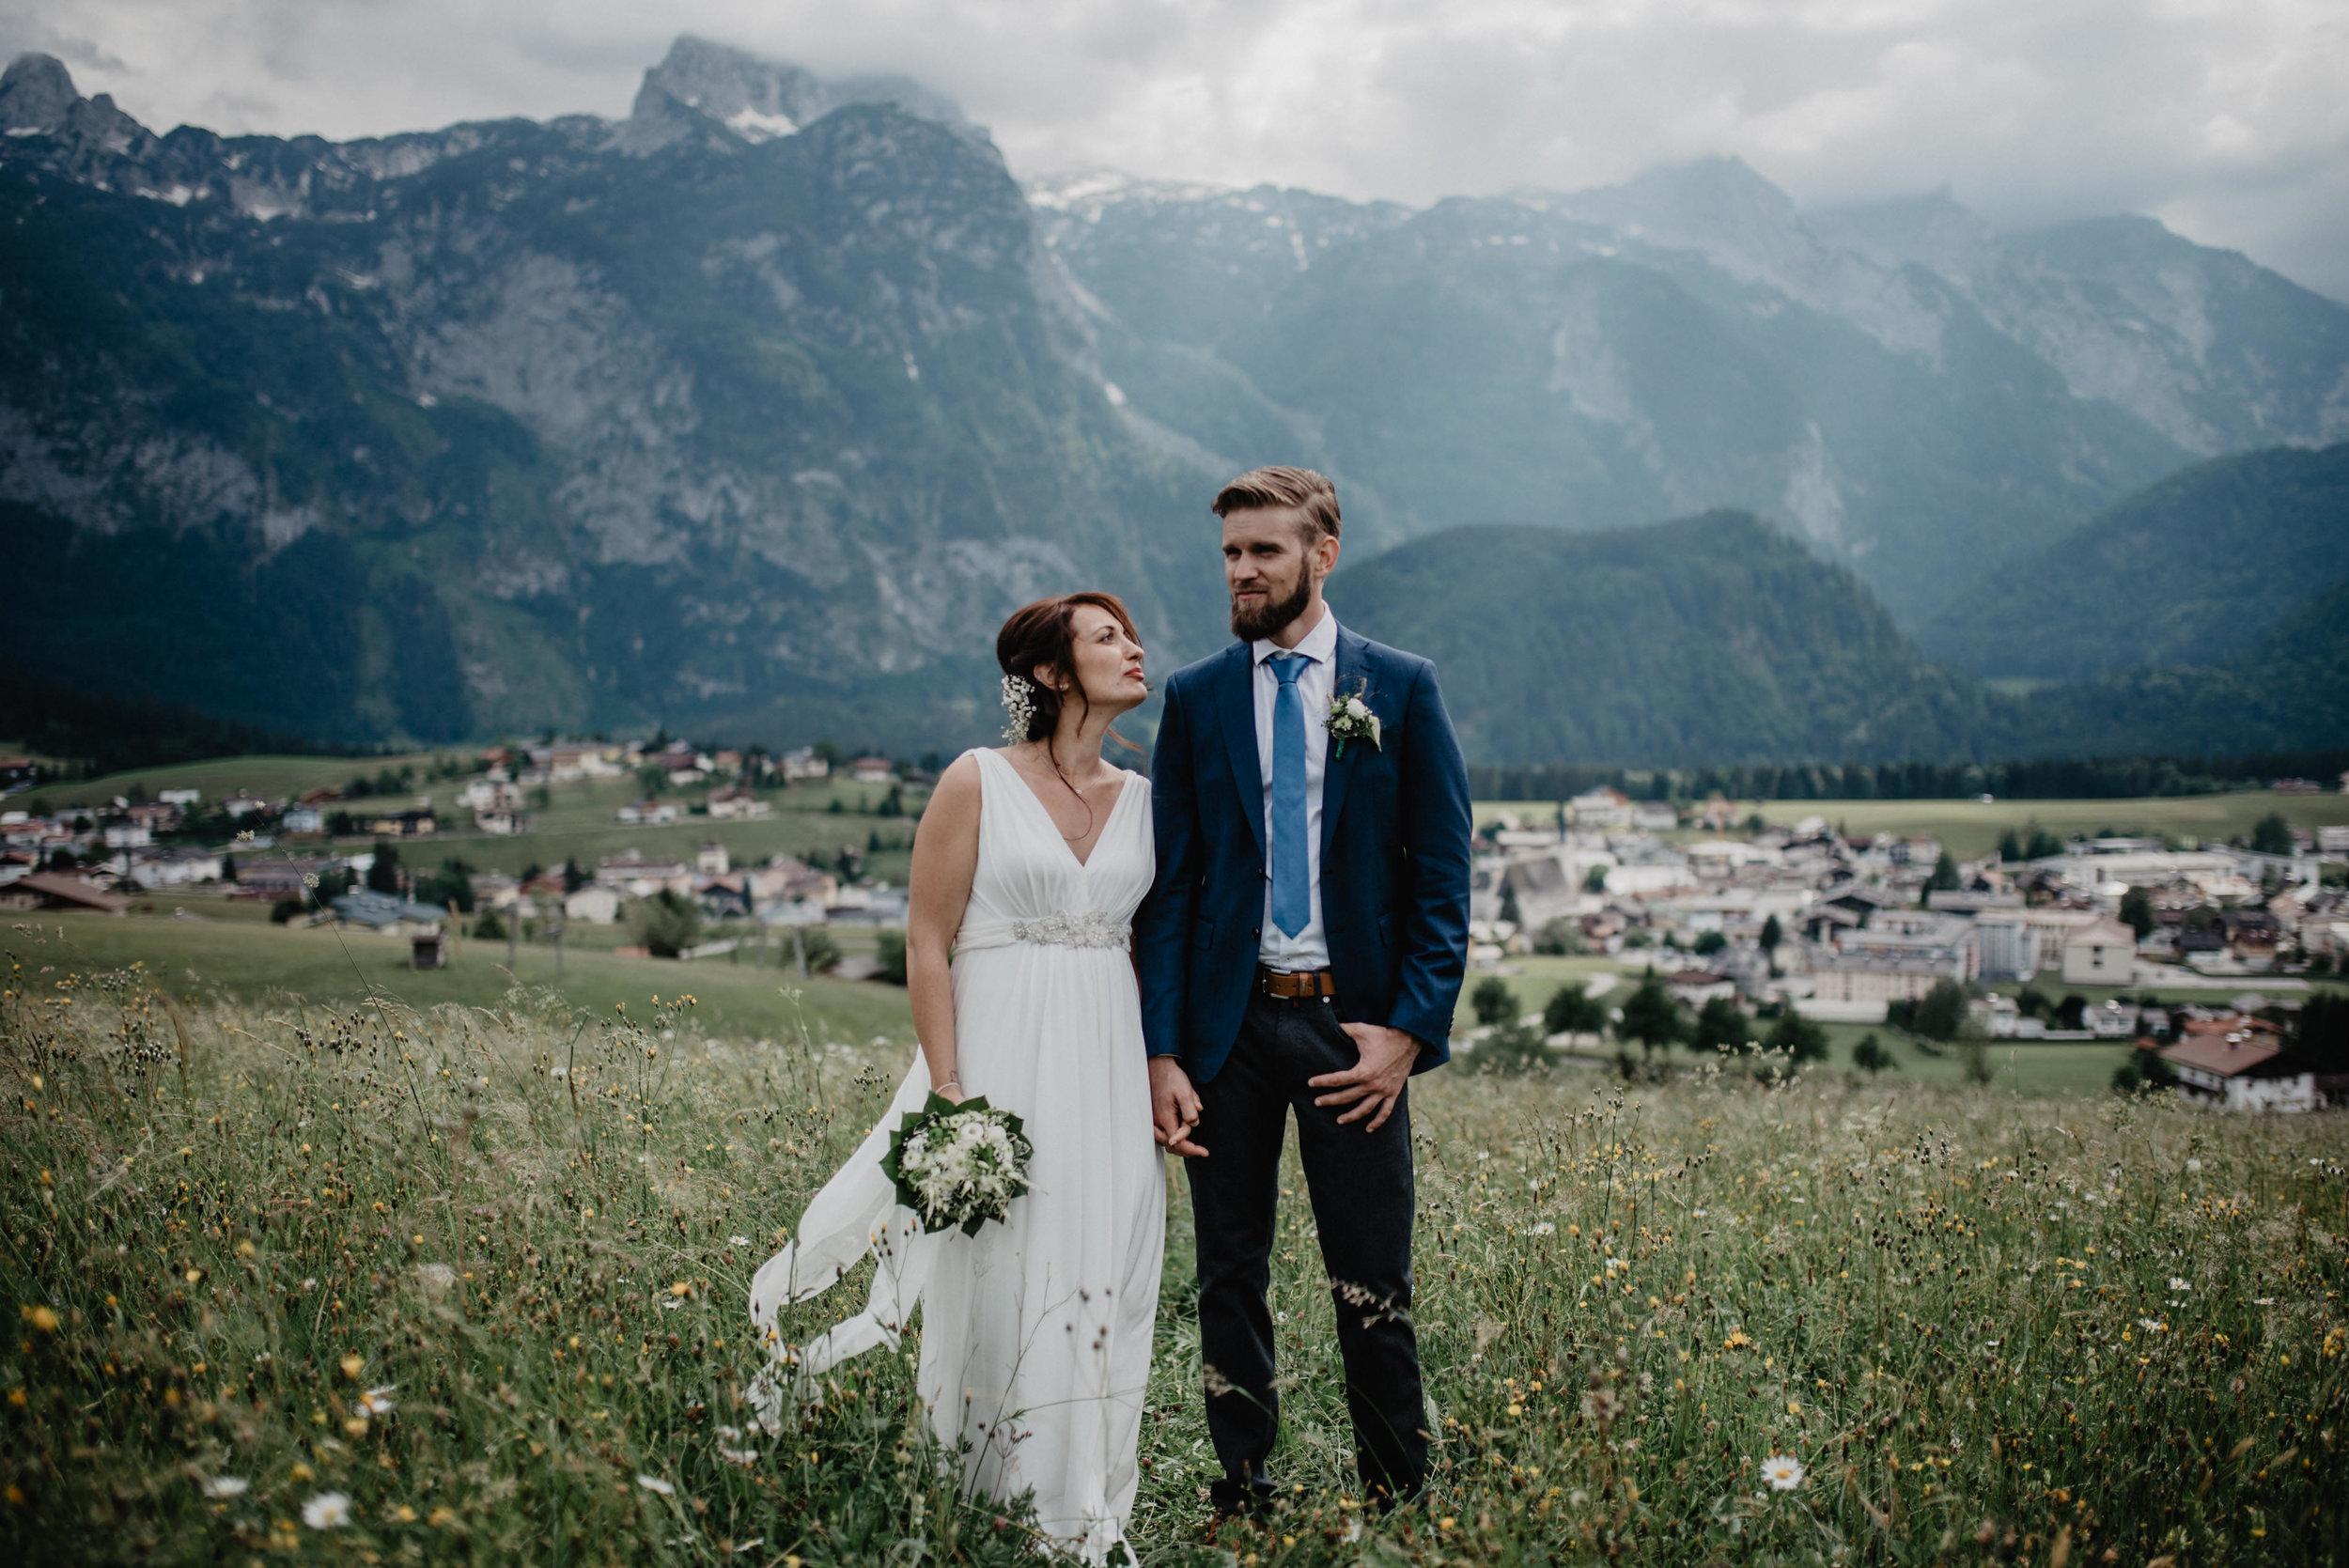 Berghochzeit-Salzburg-Österreich-44.jpg